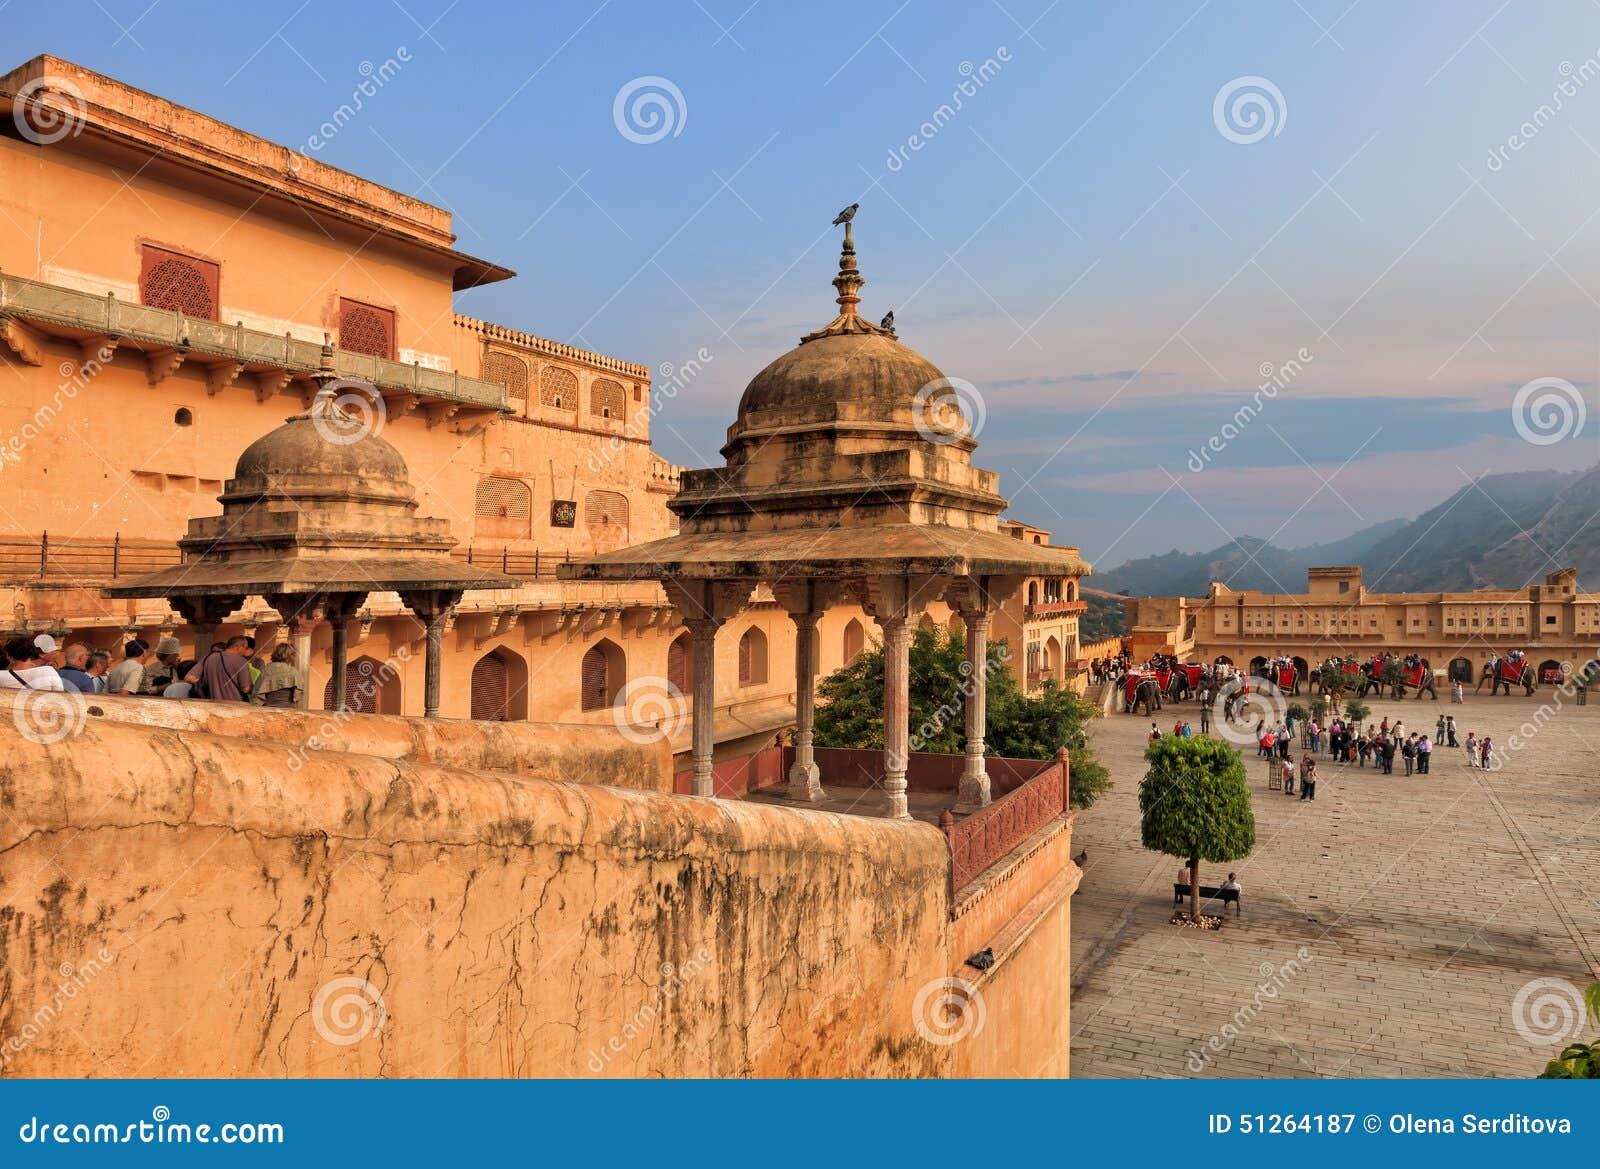 Sikt av det bärnstensfärgade fortet, Jaipur, Indien